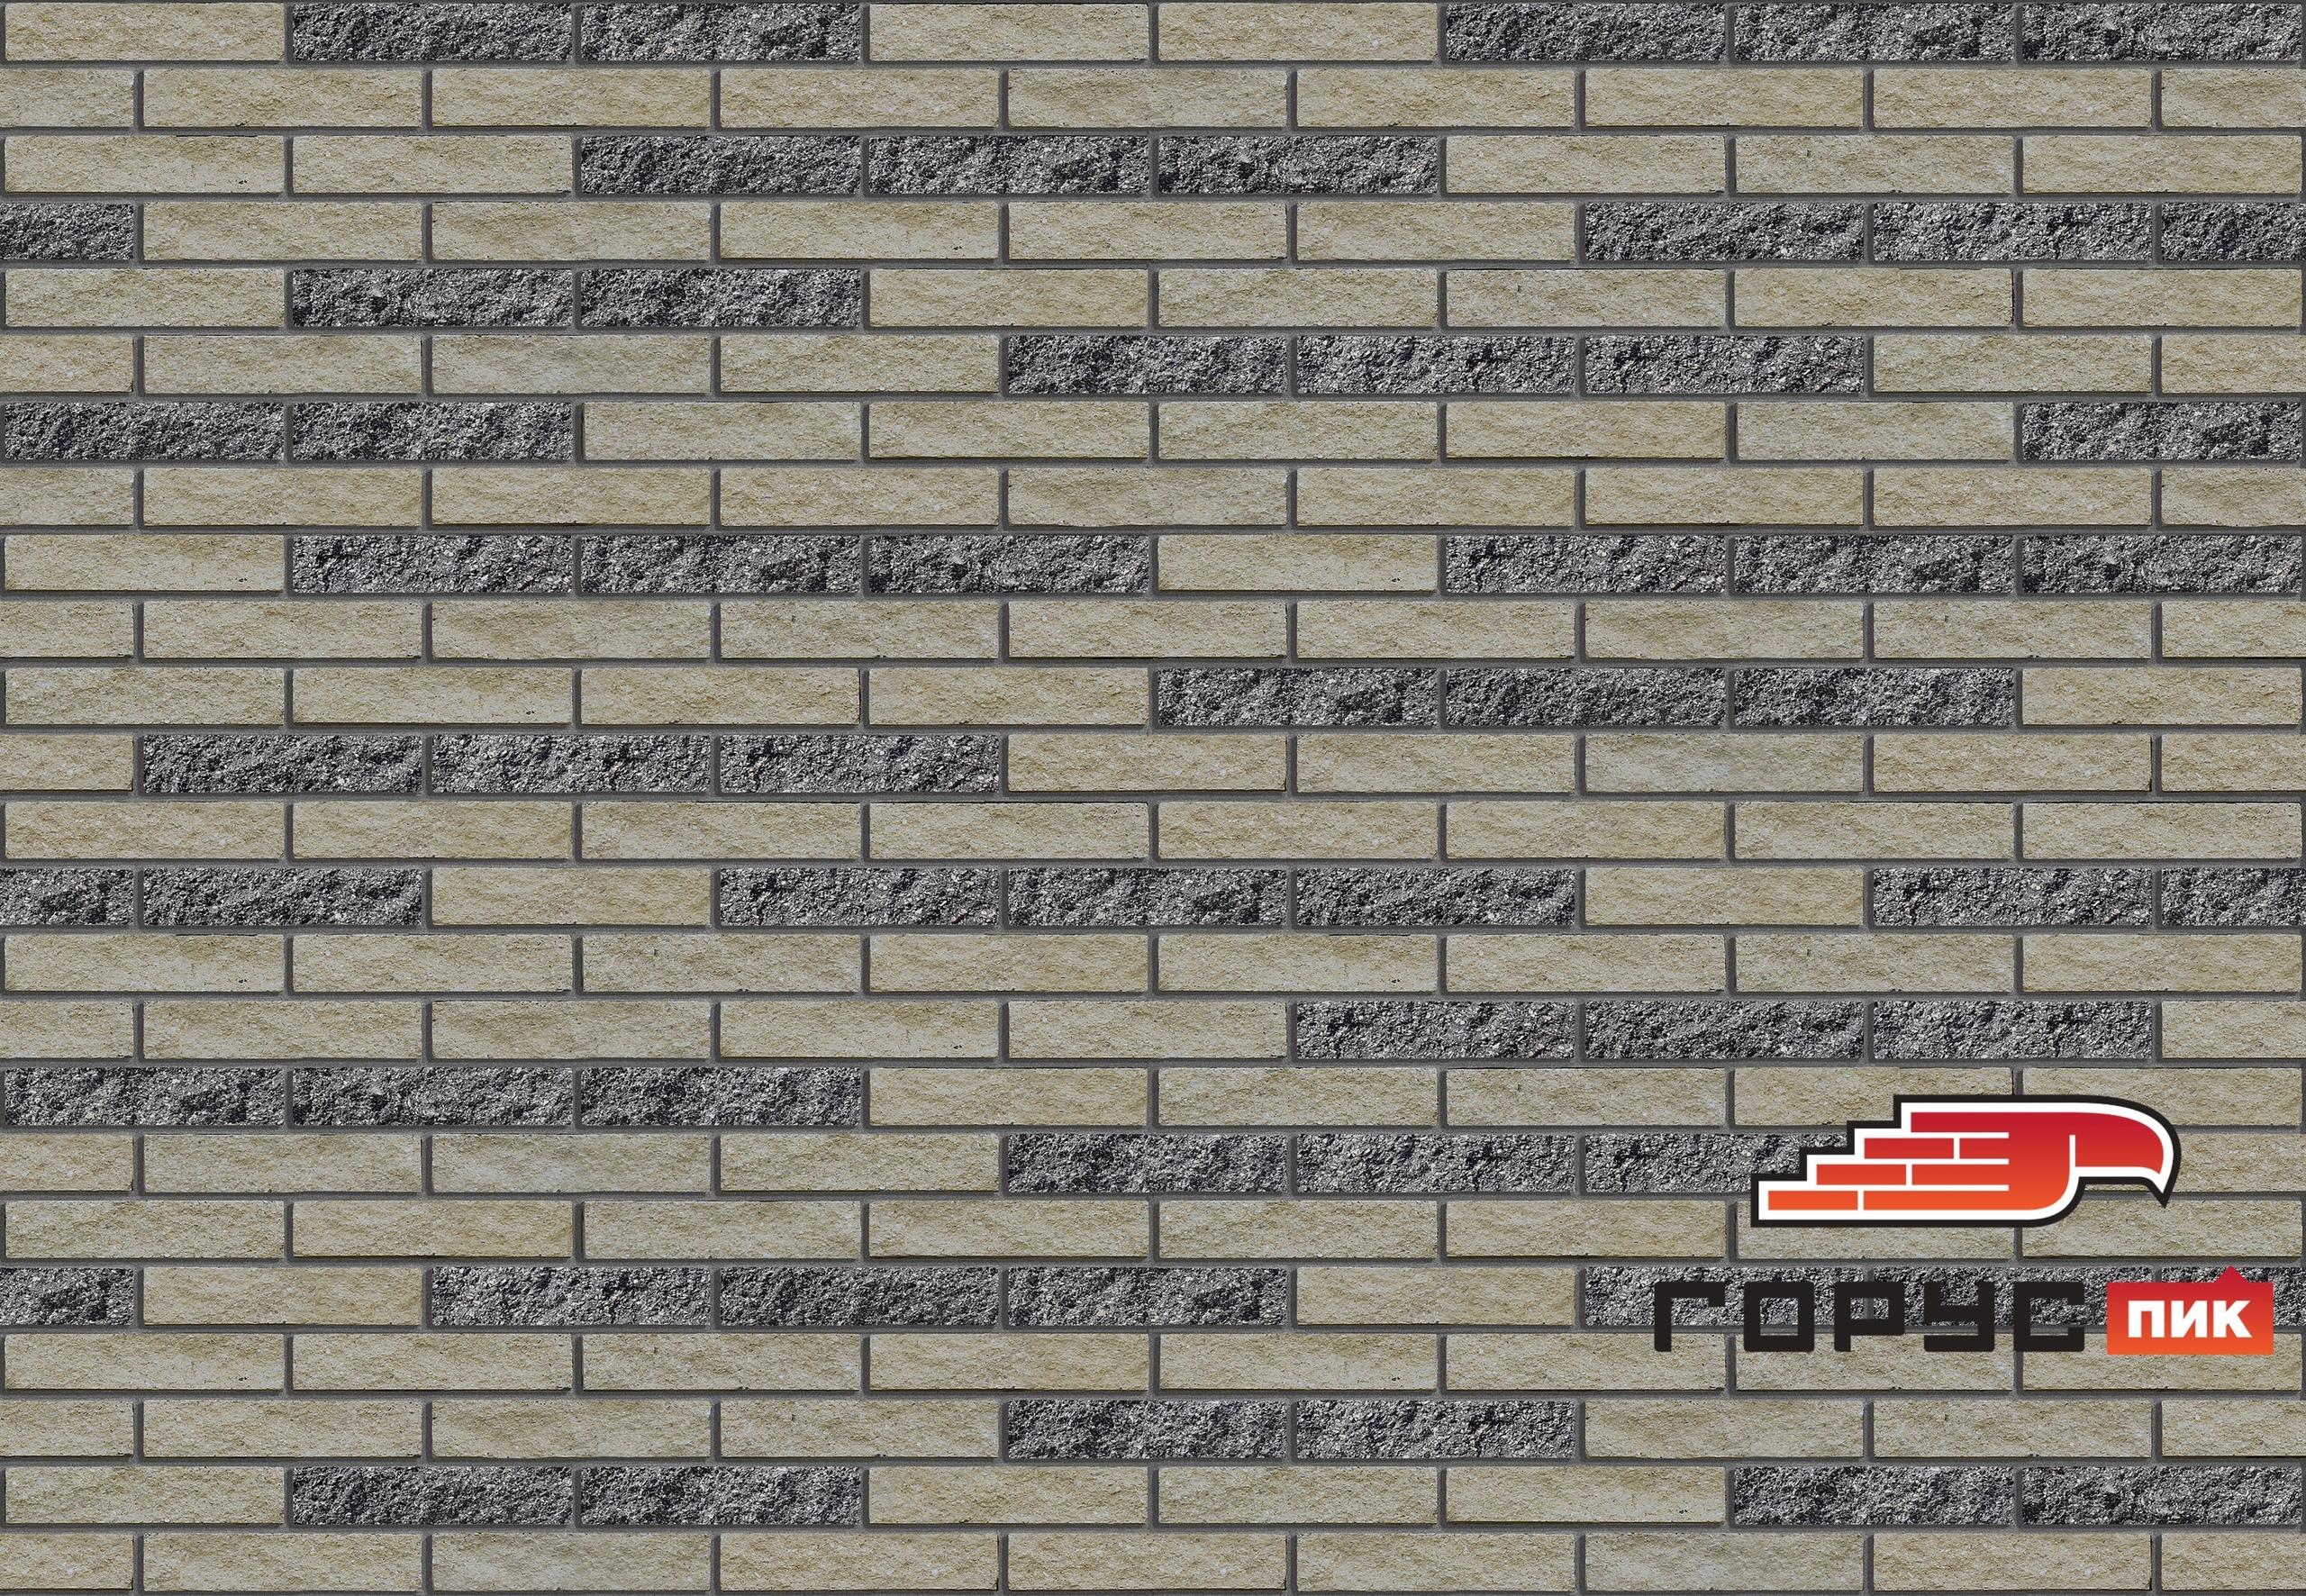 Если Вам кажется то, что мы не можем предложить Вам ничего кроме однотонных фасадов и фасадов с применением разного рода баварских кладок, то спешим Вас порадовать вариантами кладок с не совсем обычным рисунком.